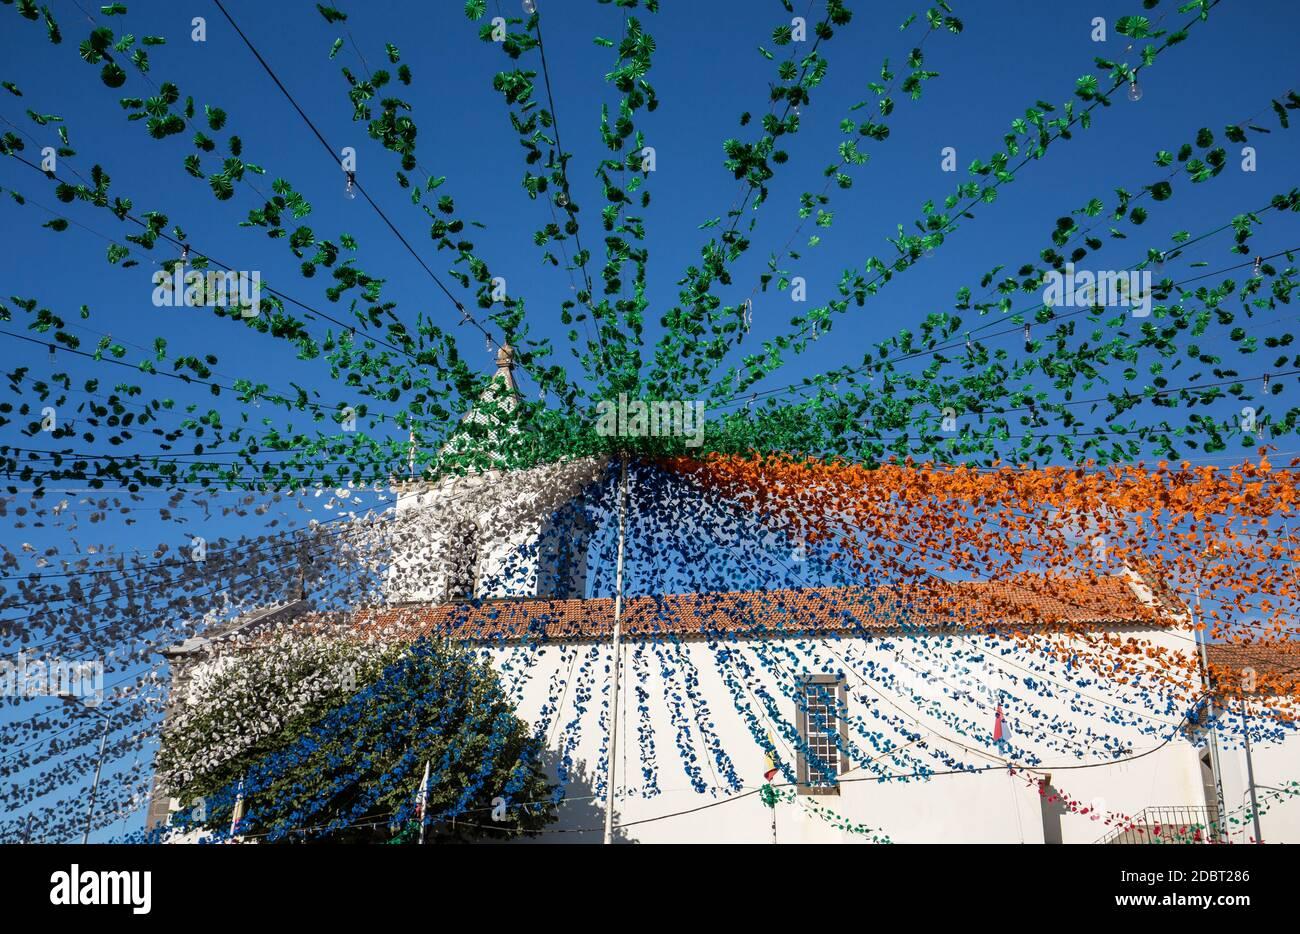 ESTREITO DE CAMARA DE LOBOS, PORTUGAL - SEPTEMBER 10, 2016: Garlands, street decorations at  Madeira Wine Festival in Estreito de Camara de Lobos, Mad Stock Photo